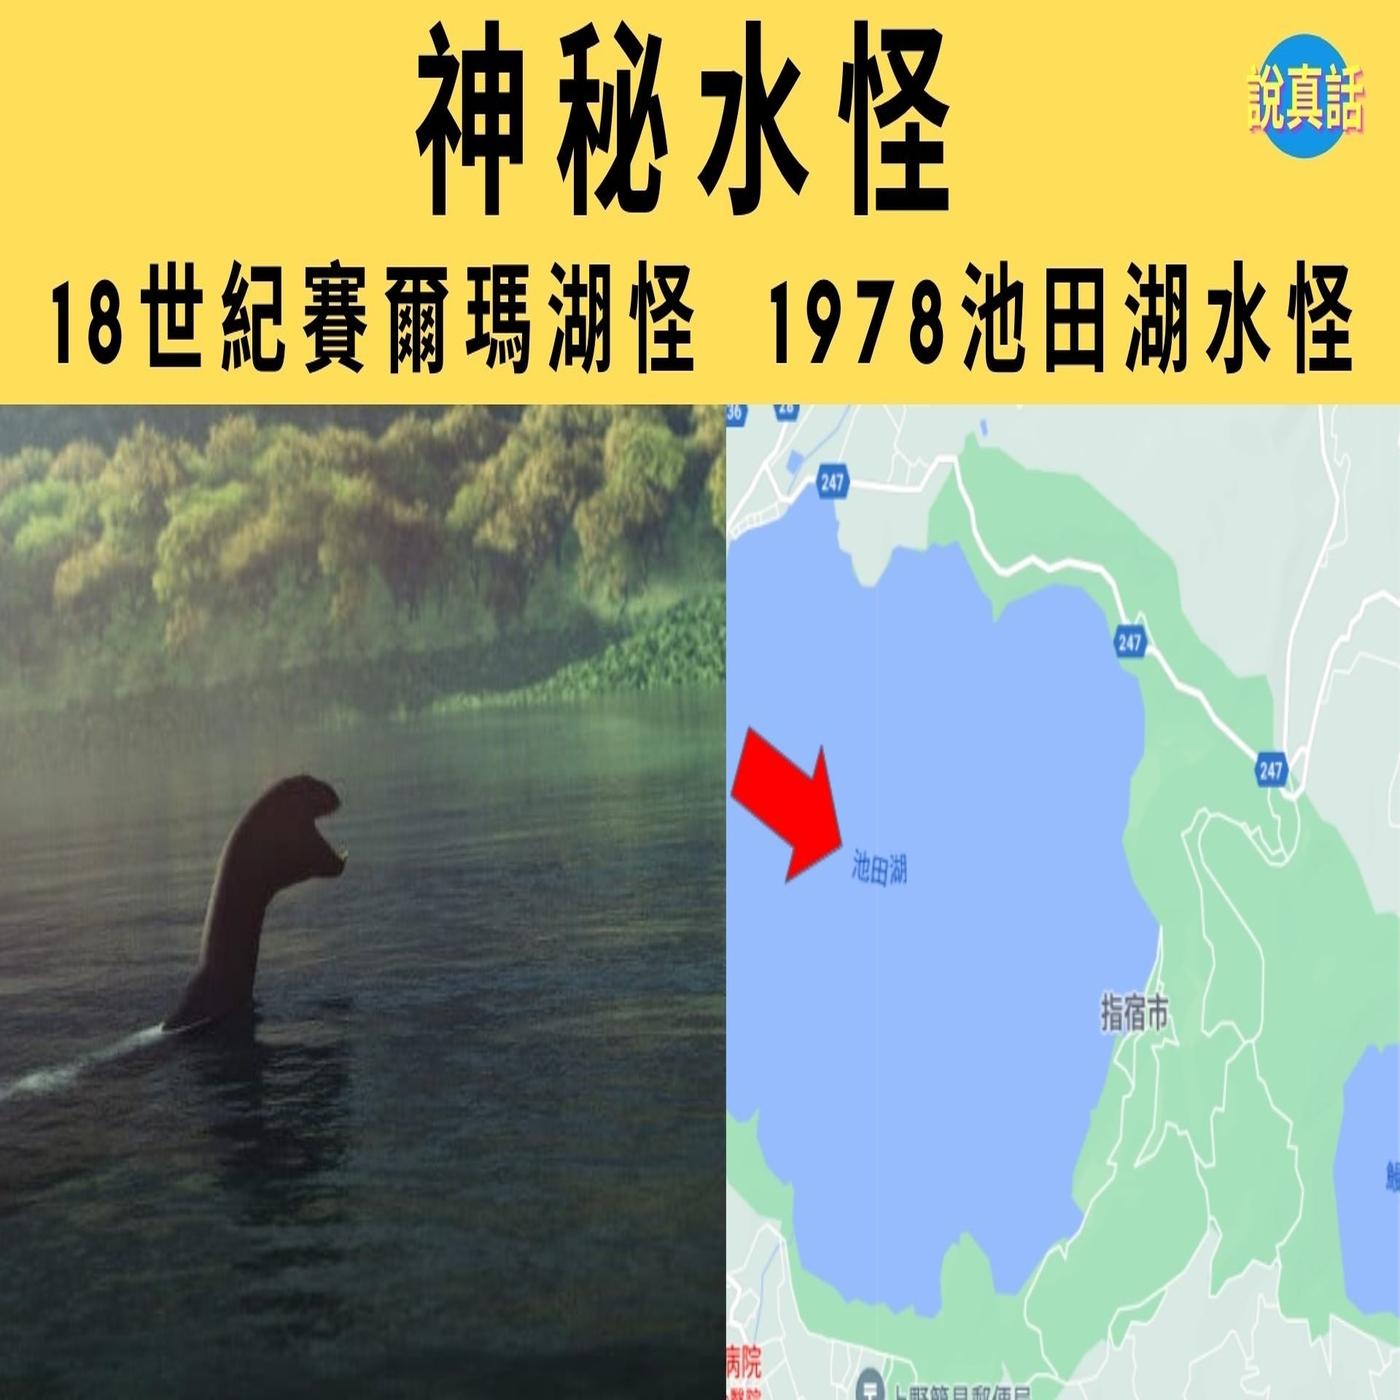 神秘水怪:18世紀賽爾瑪湖怪 1978池田湖水怪